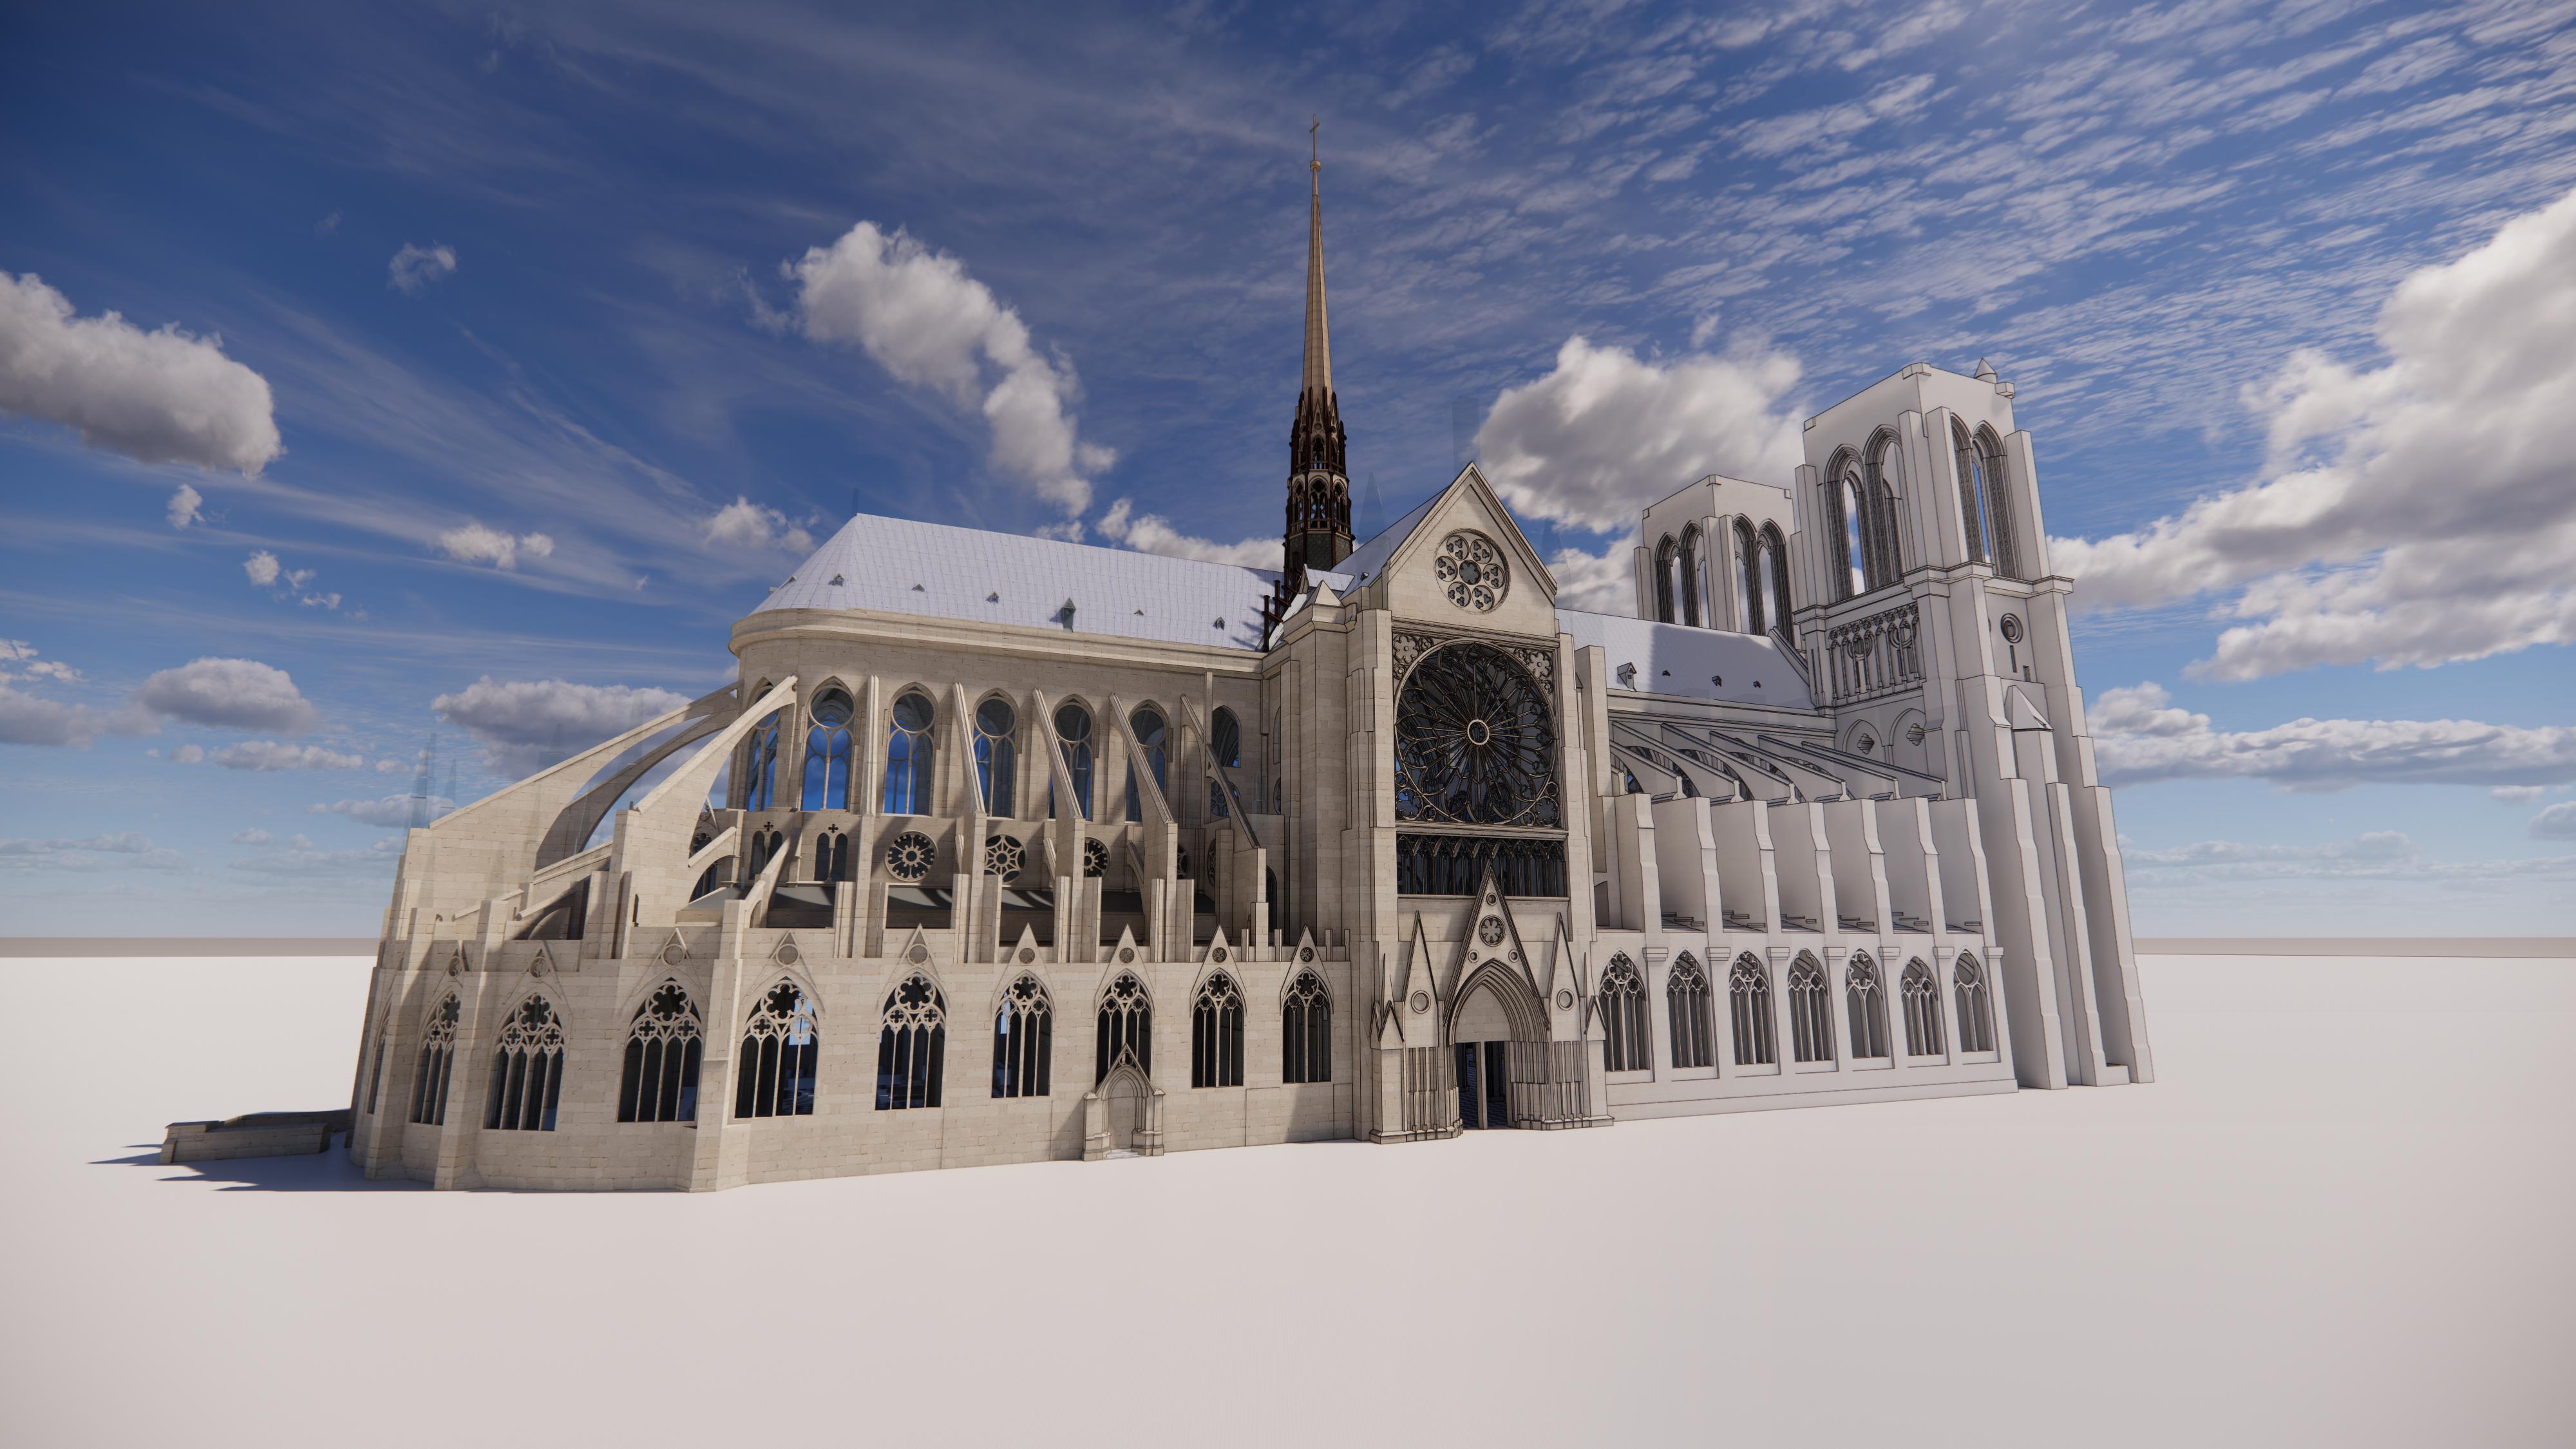 Incendie de Notre-Dame de Paris : deux ans après, la maquette BIM s'invite enfin !